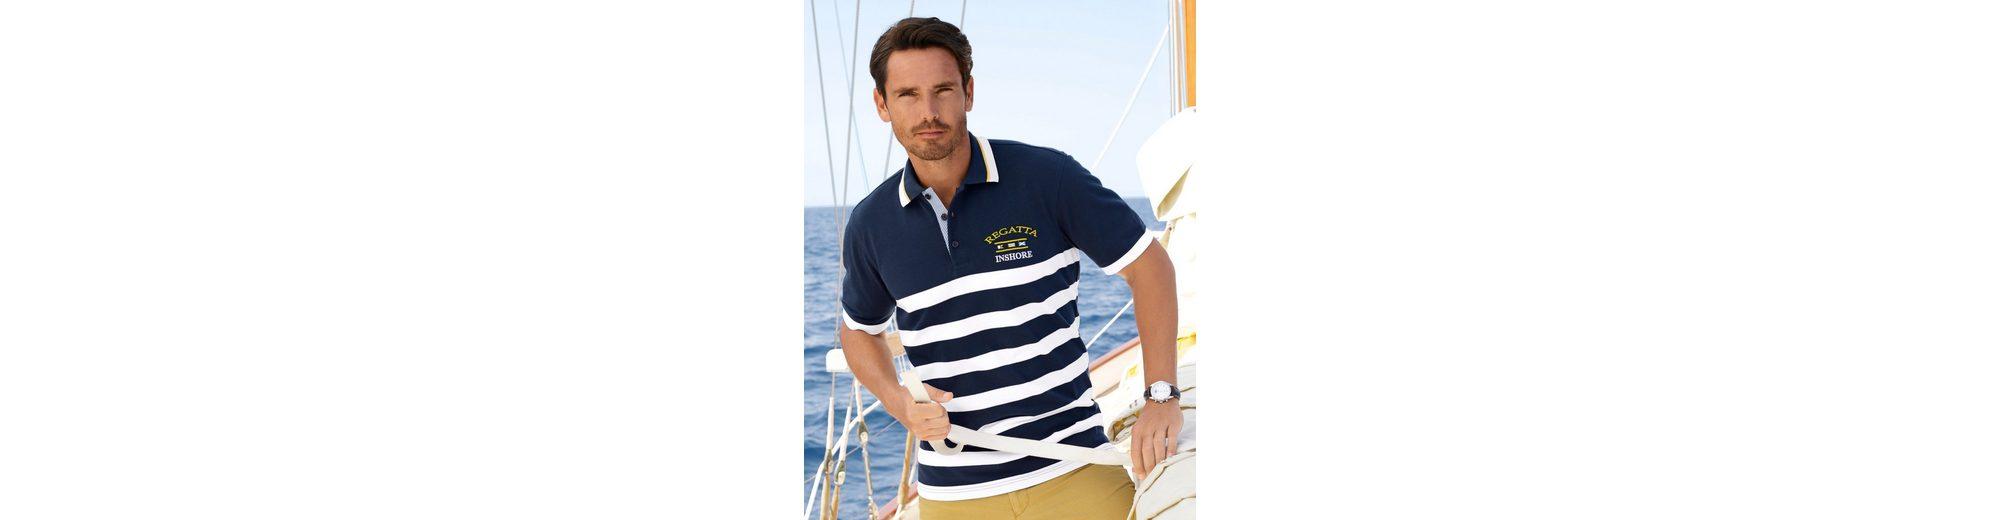 Billig Verkauf Zahlung Mit Visa Babista Poloshirt in maritimem Design Freies Verschiffen Auslass Shop-Angebot Online nYB3cU